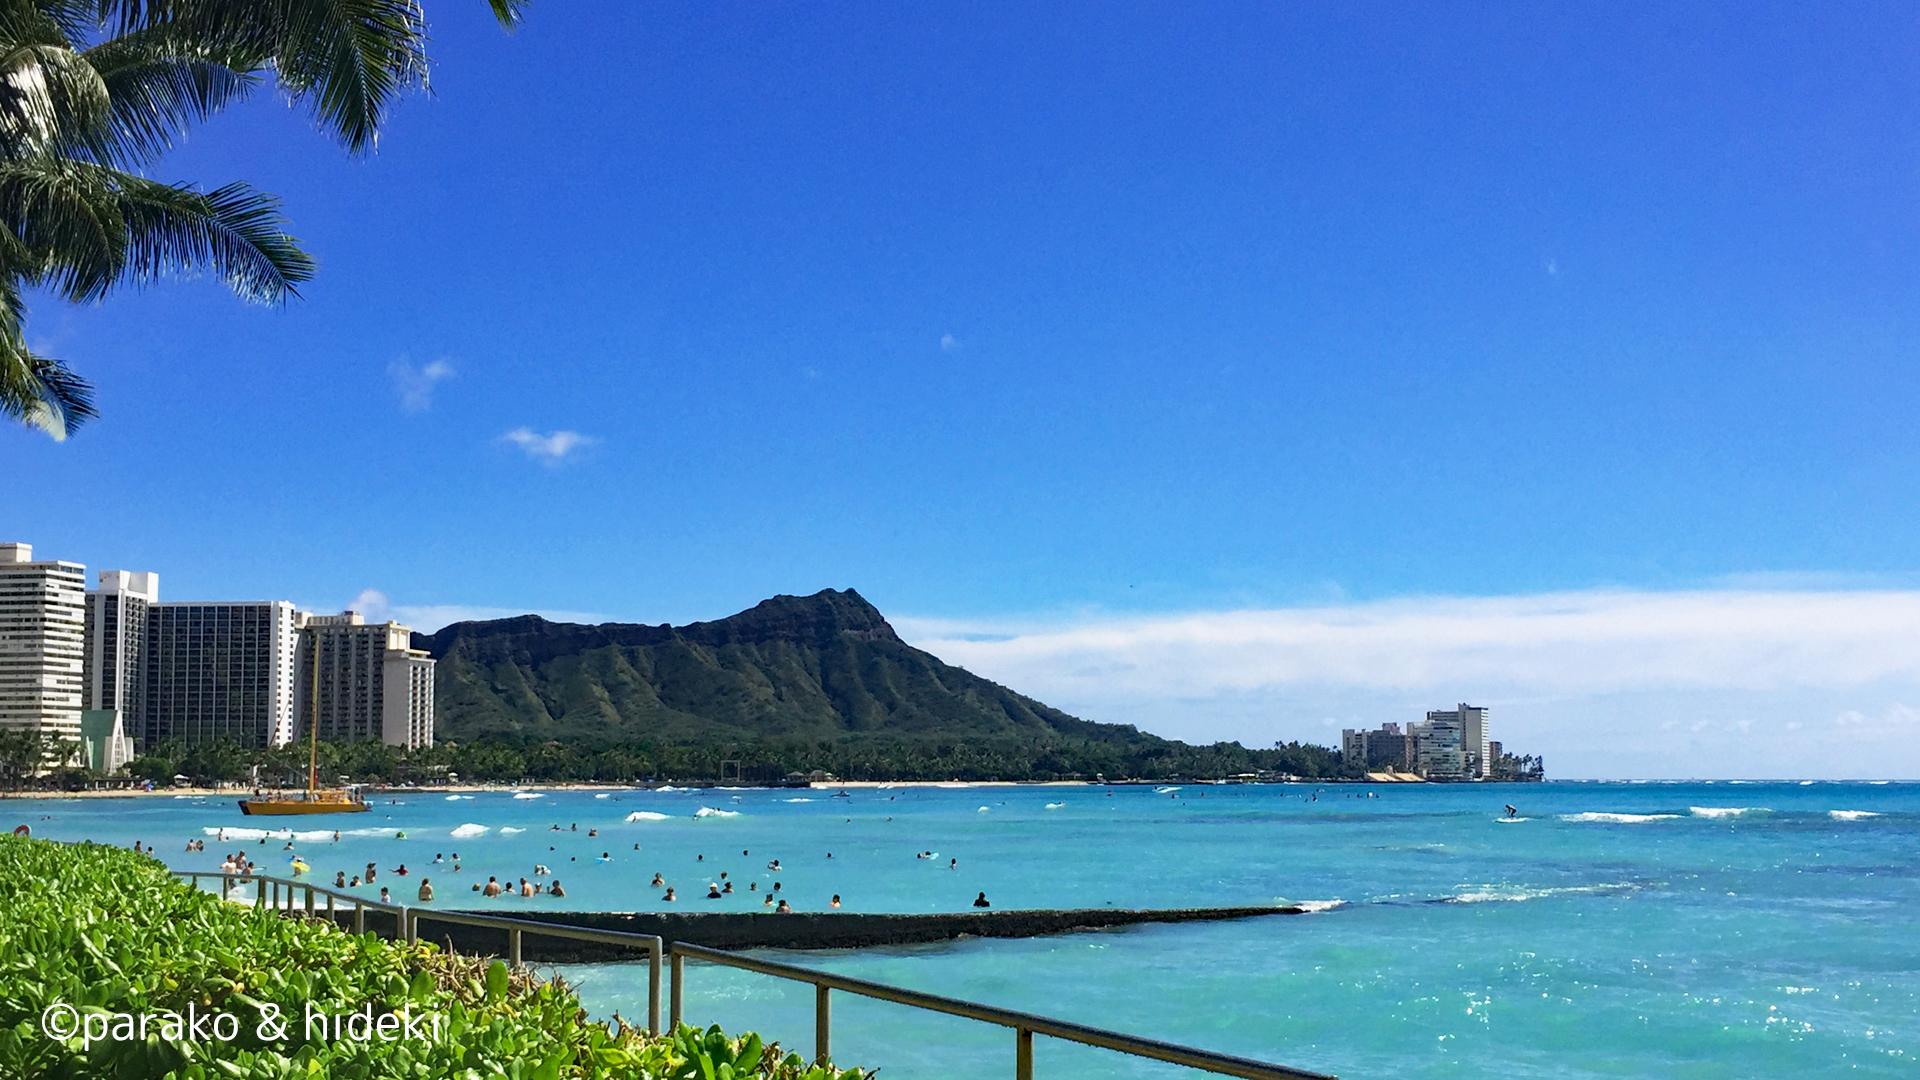 ワイキキビーチ(Waikiki beach)